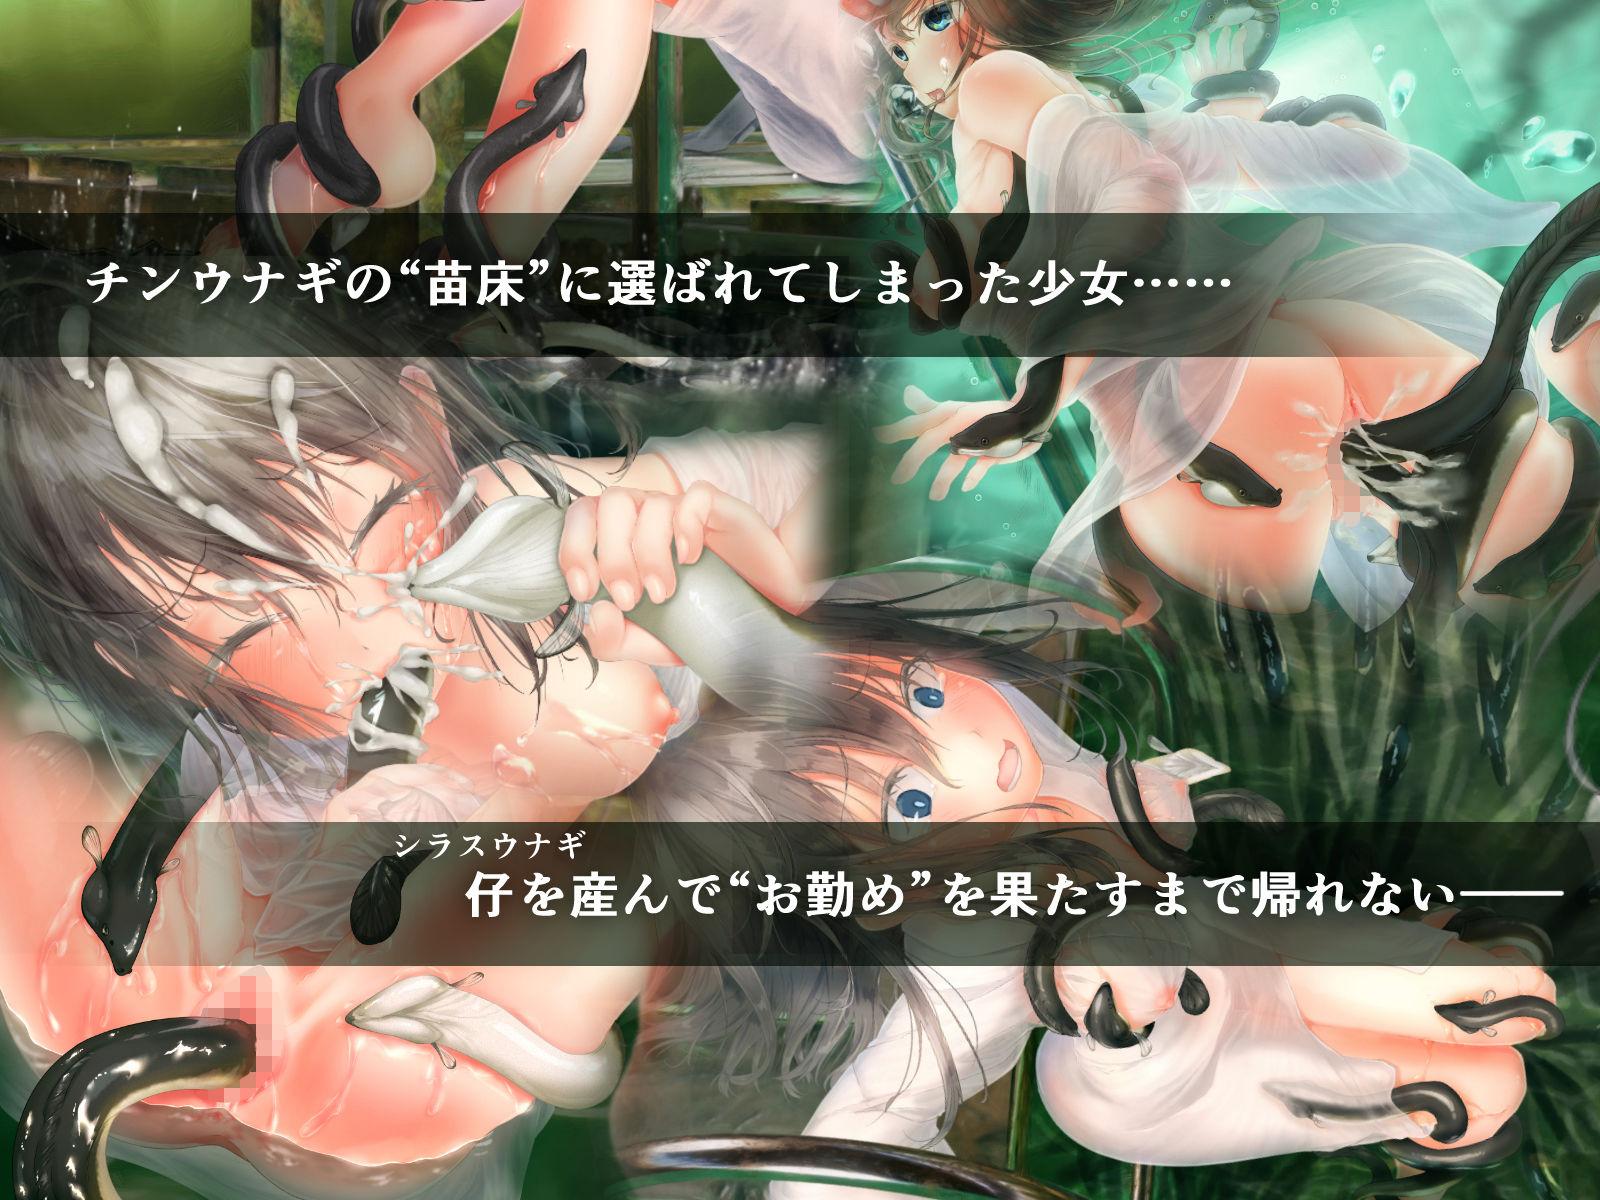 【ナギ 同人】チンウナギと子作りSEX!!~絶滅危惧種救済計画~